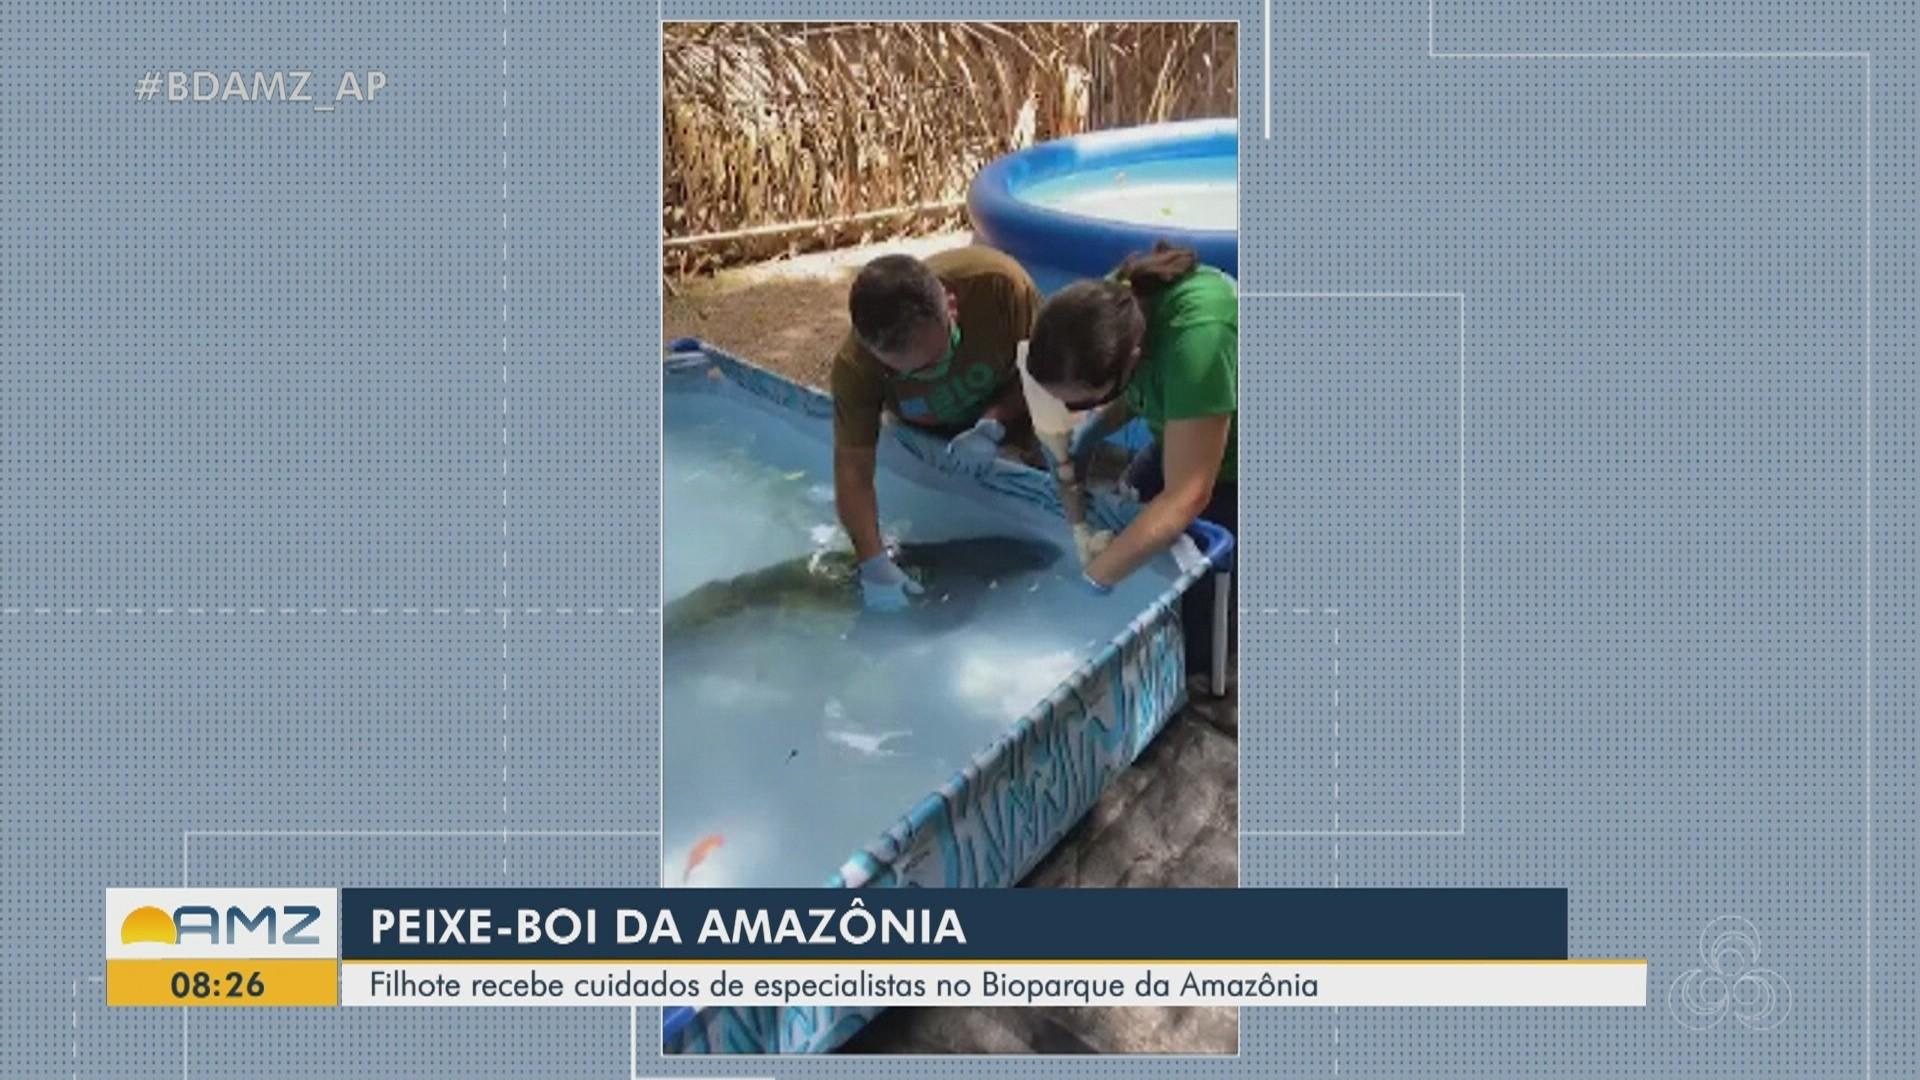 VÍDEOS: Bom Dia Amazônia - AP de quarta-feira, 22 de abril